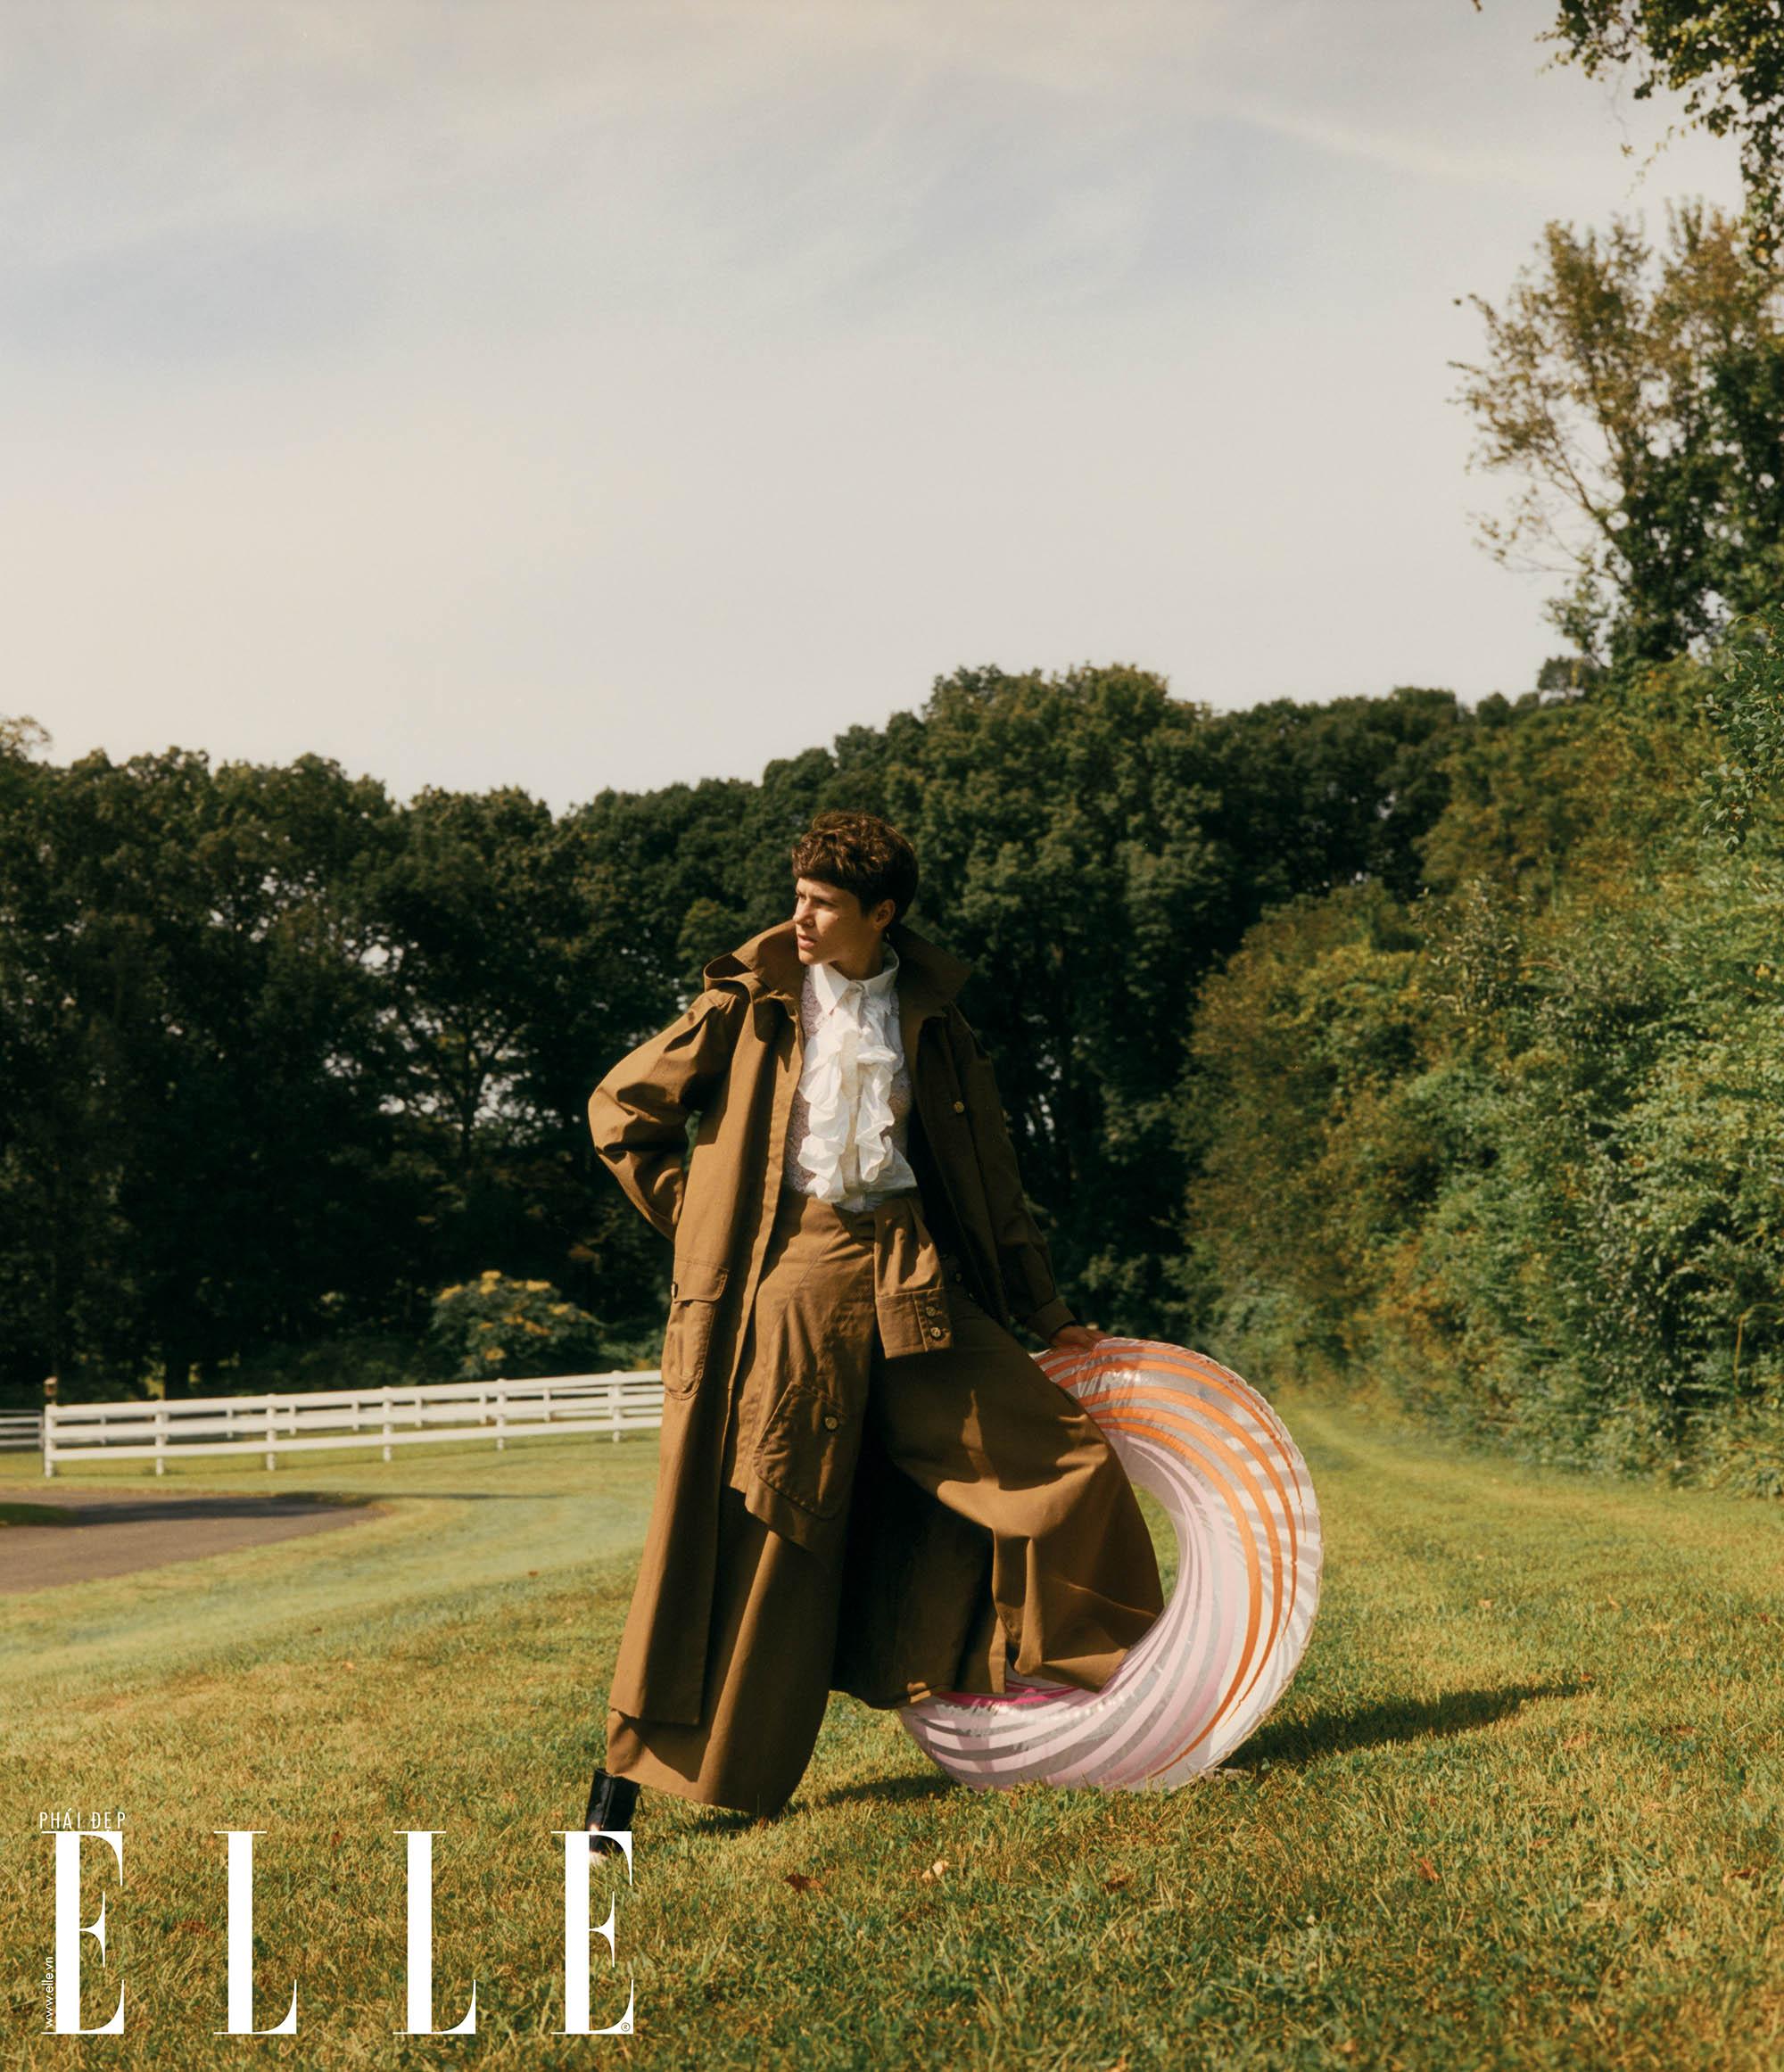 bộ ảnh người mẫu nam ngắm ánh nắng tại trang trại